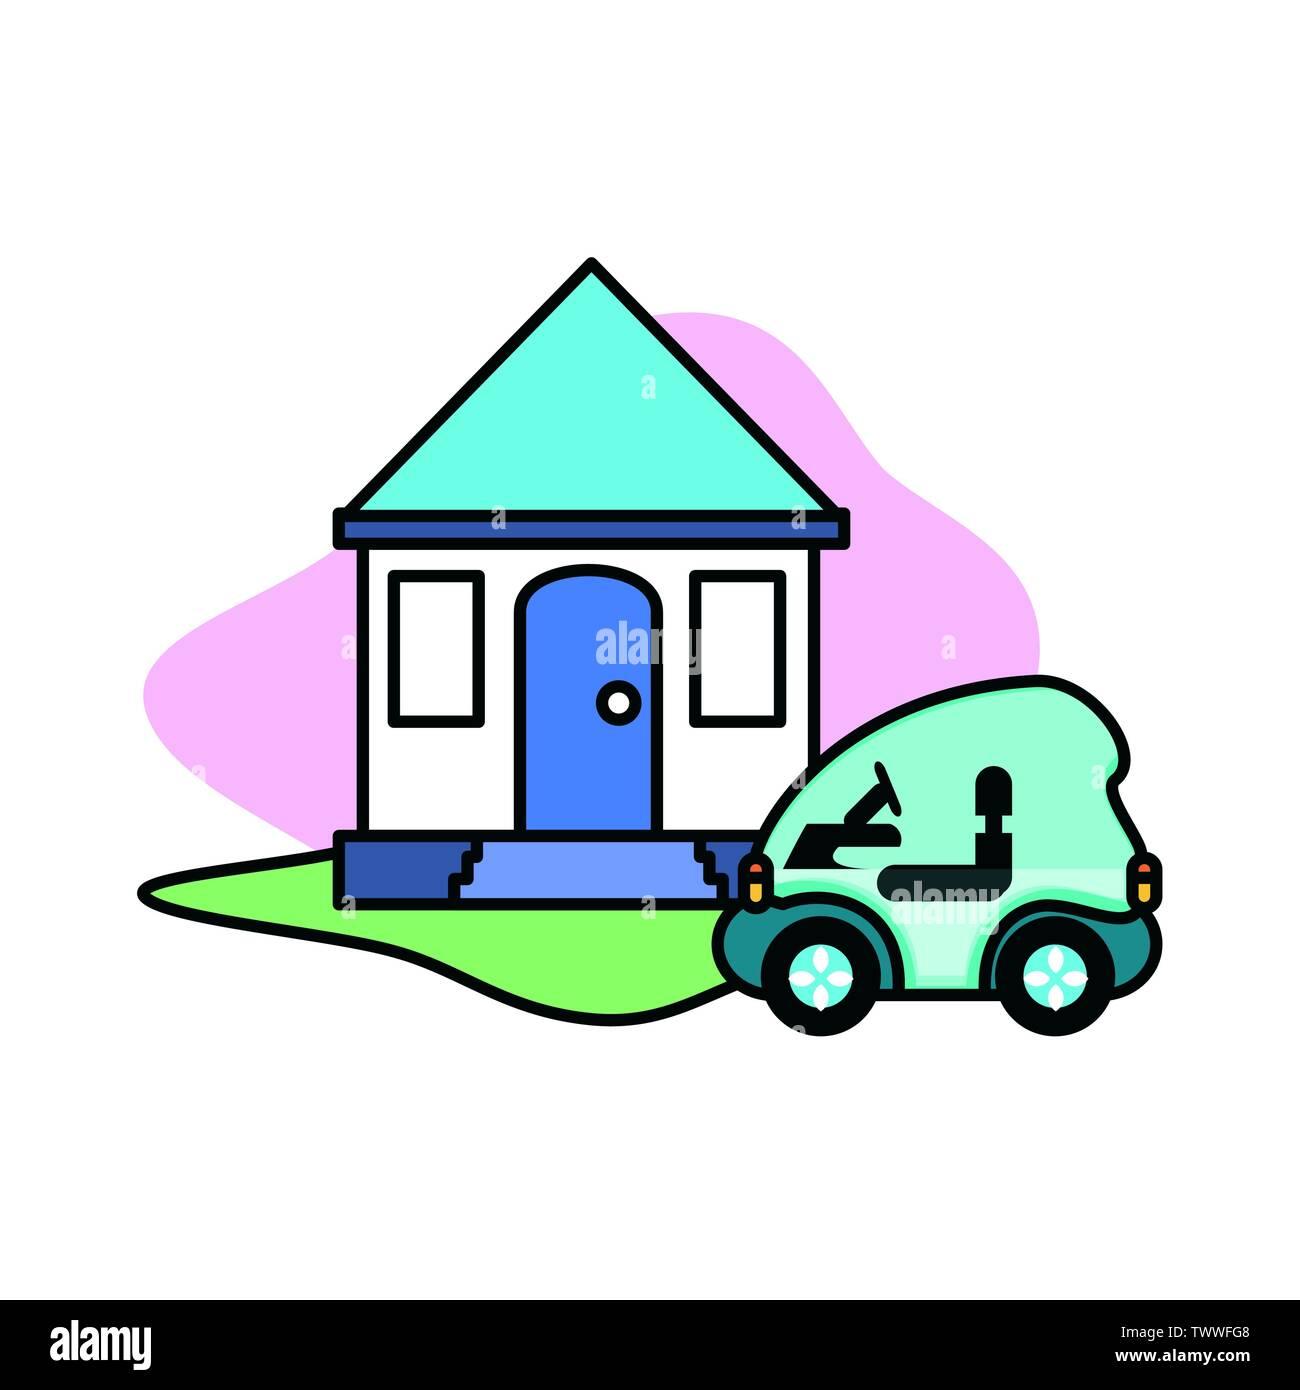 Voiture et maison & design, Eco city sauver la planète penser vert et de recyclage thème Vector illustration Photo Stock